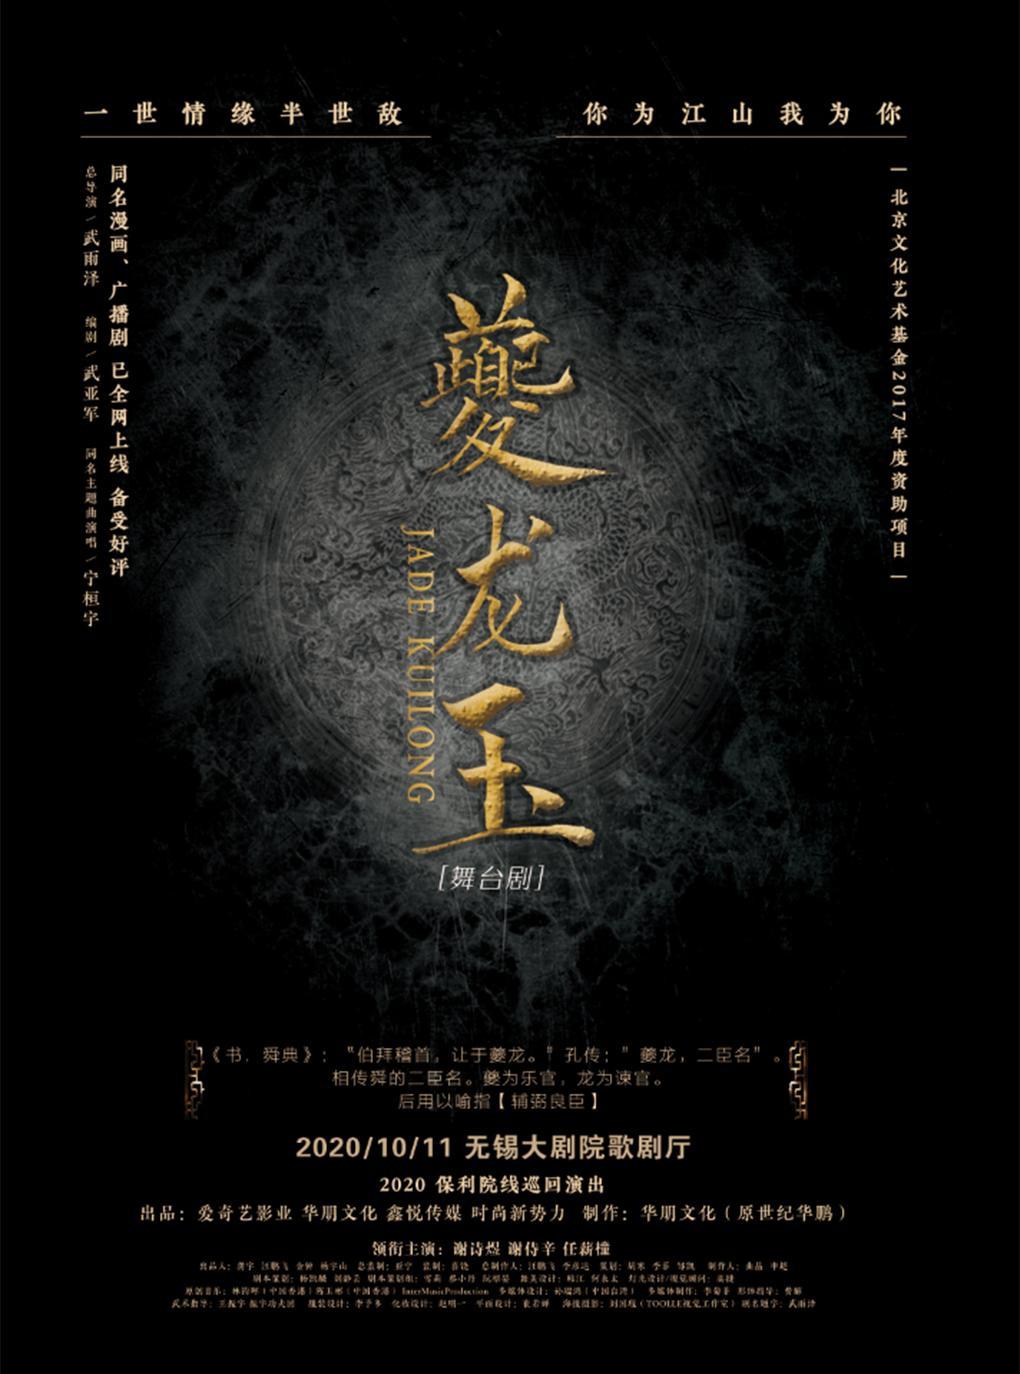 【无锡】舞台剧《夔龙玉》